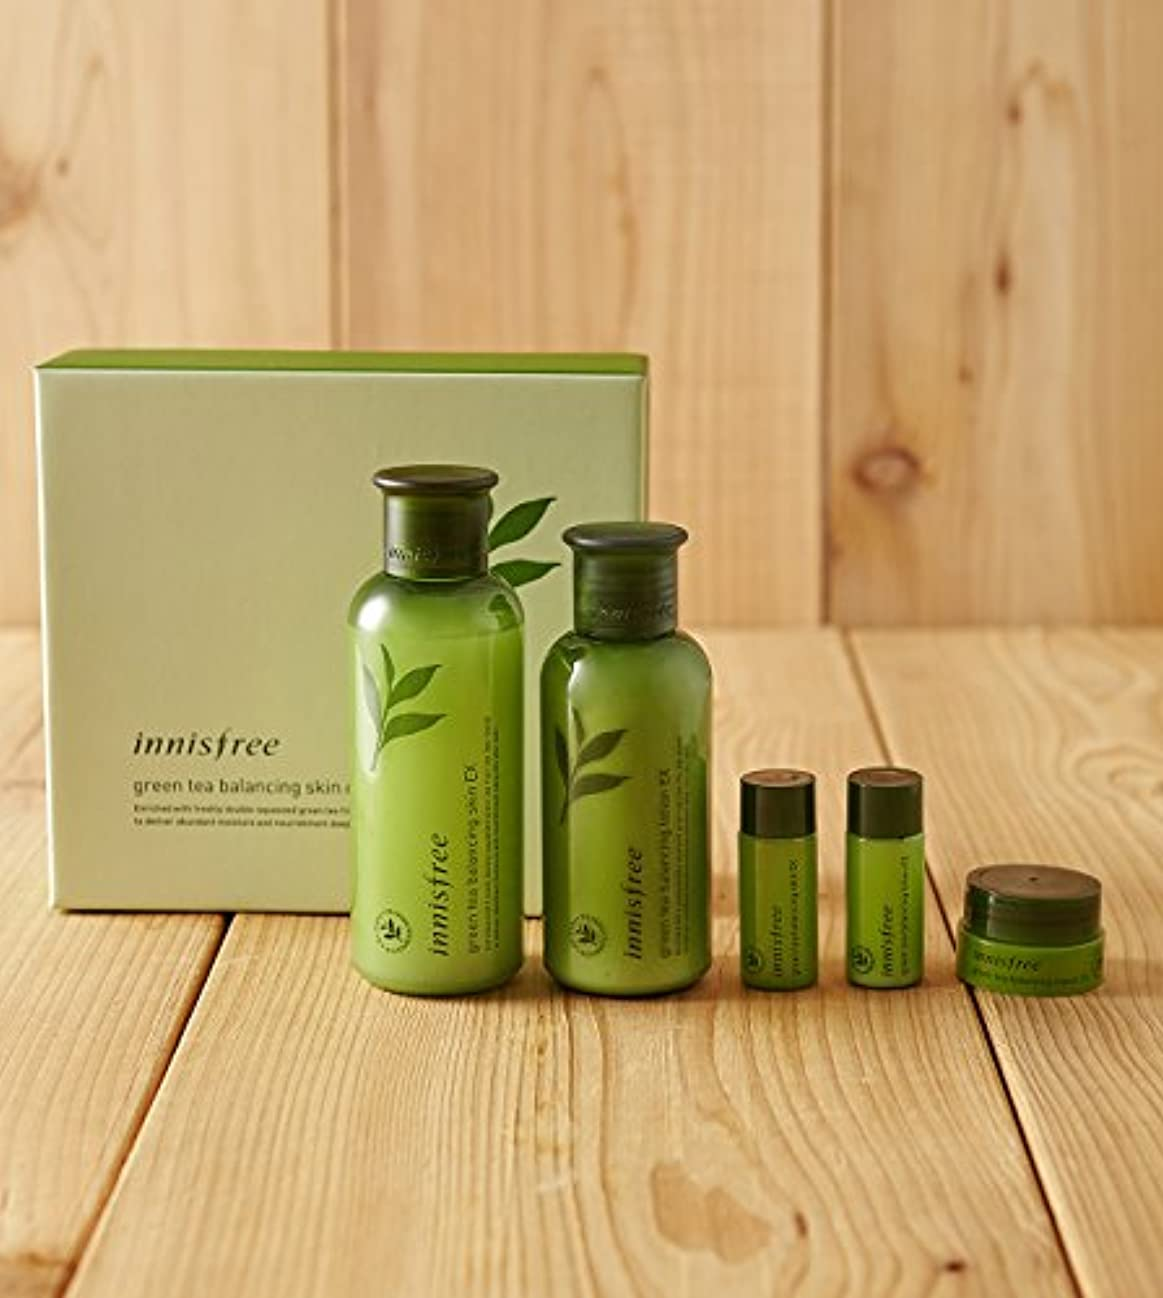 パテ苦行でるinnisfree green tea balancing skin care set ex/イニスフリーグリーンティーバランシングスキンケアセットex